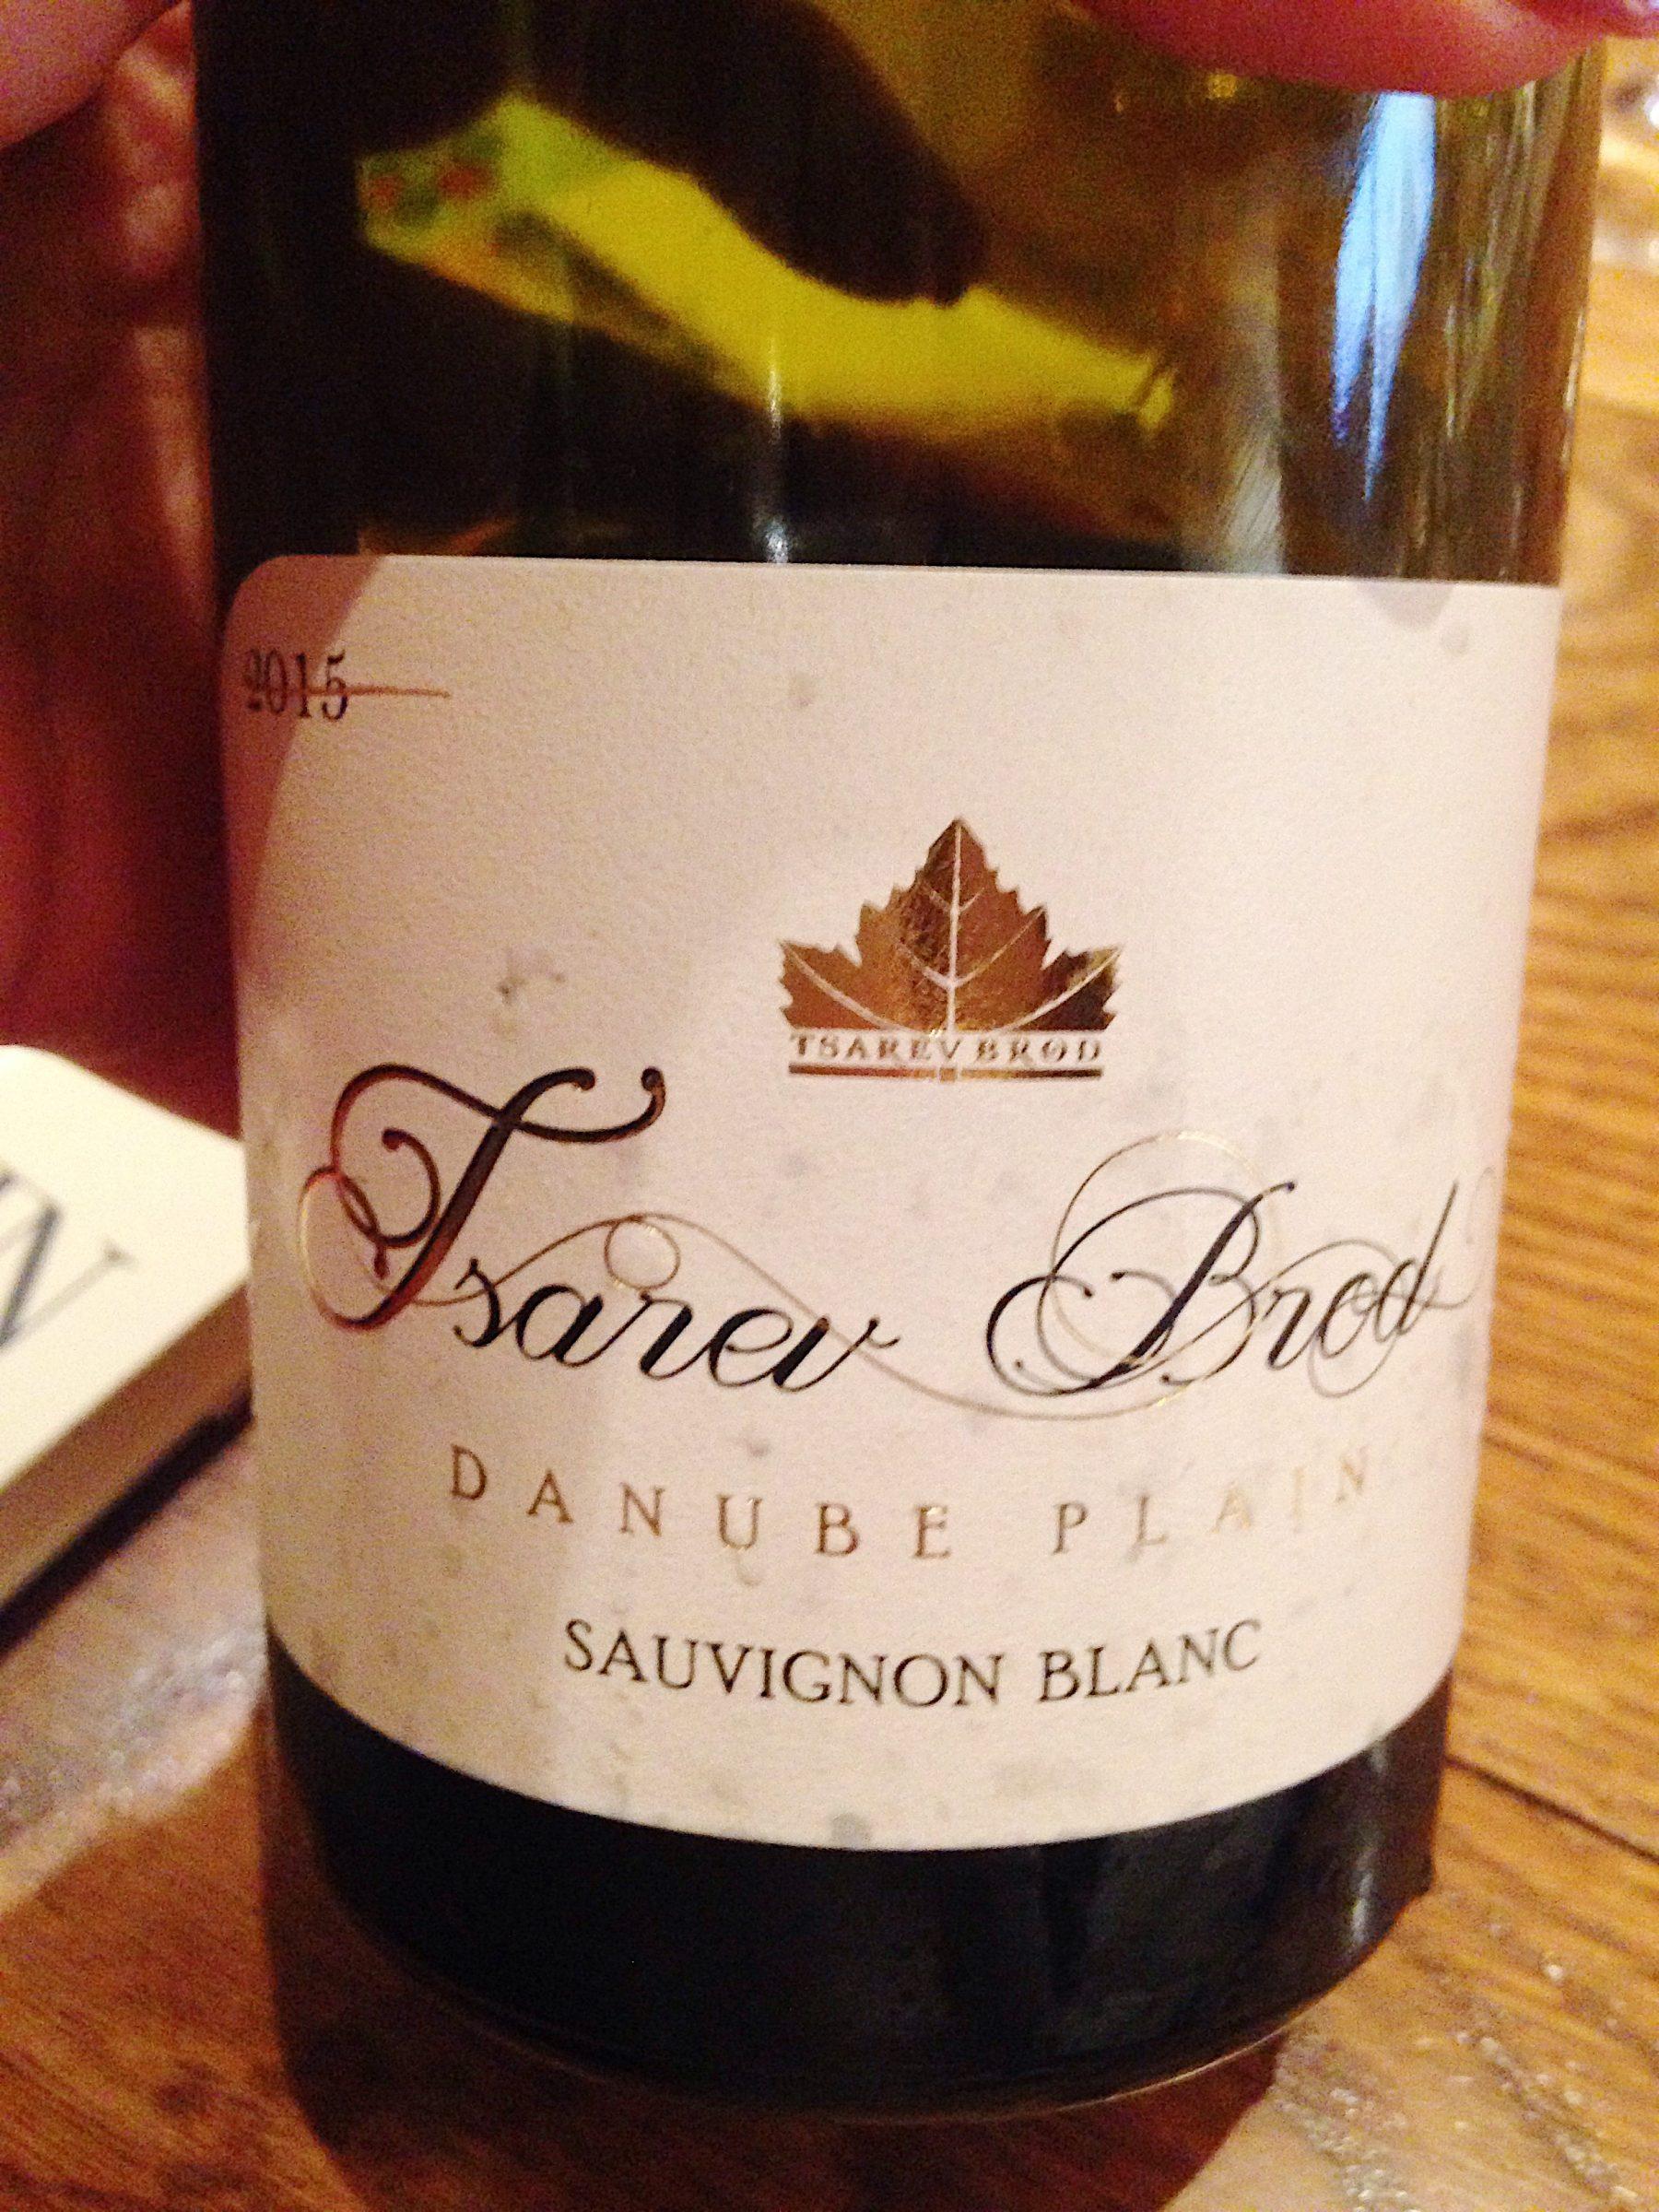 2015 Sauvignon Blanc, Tsarev Brod